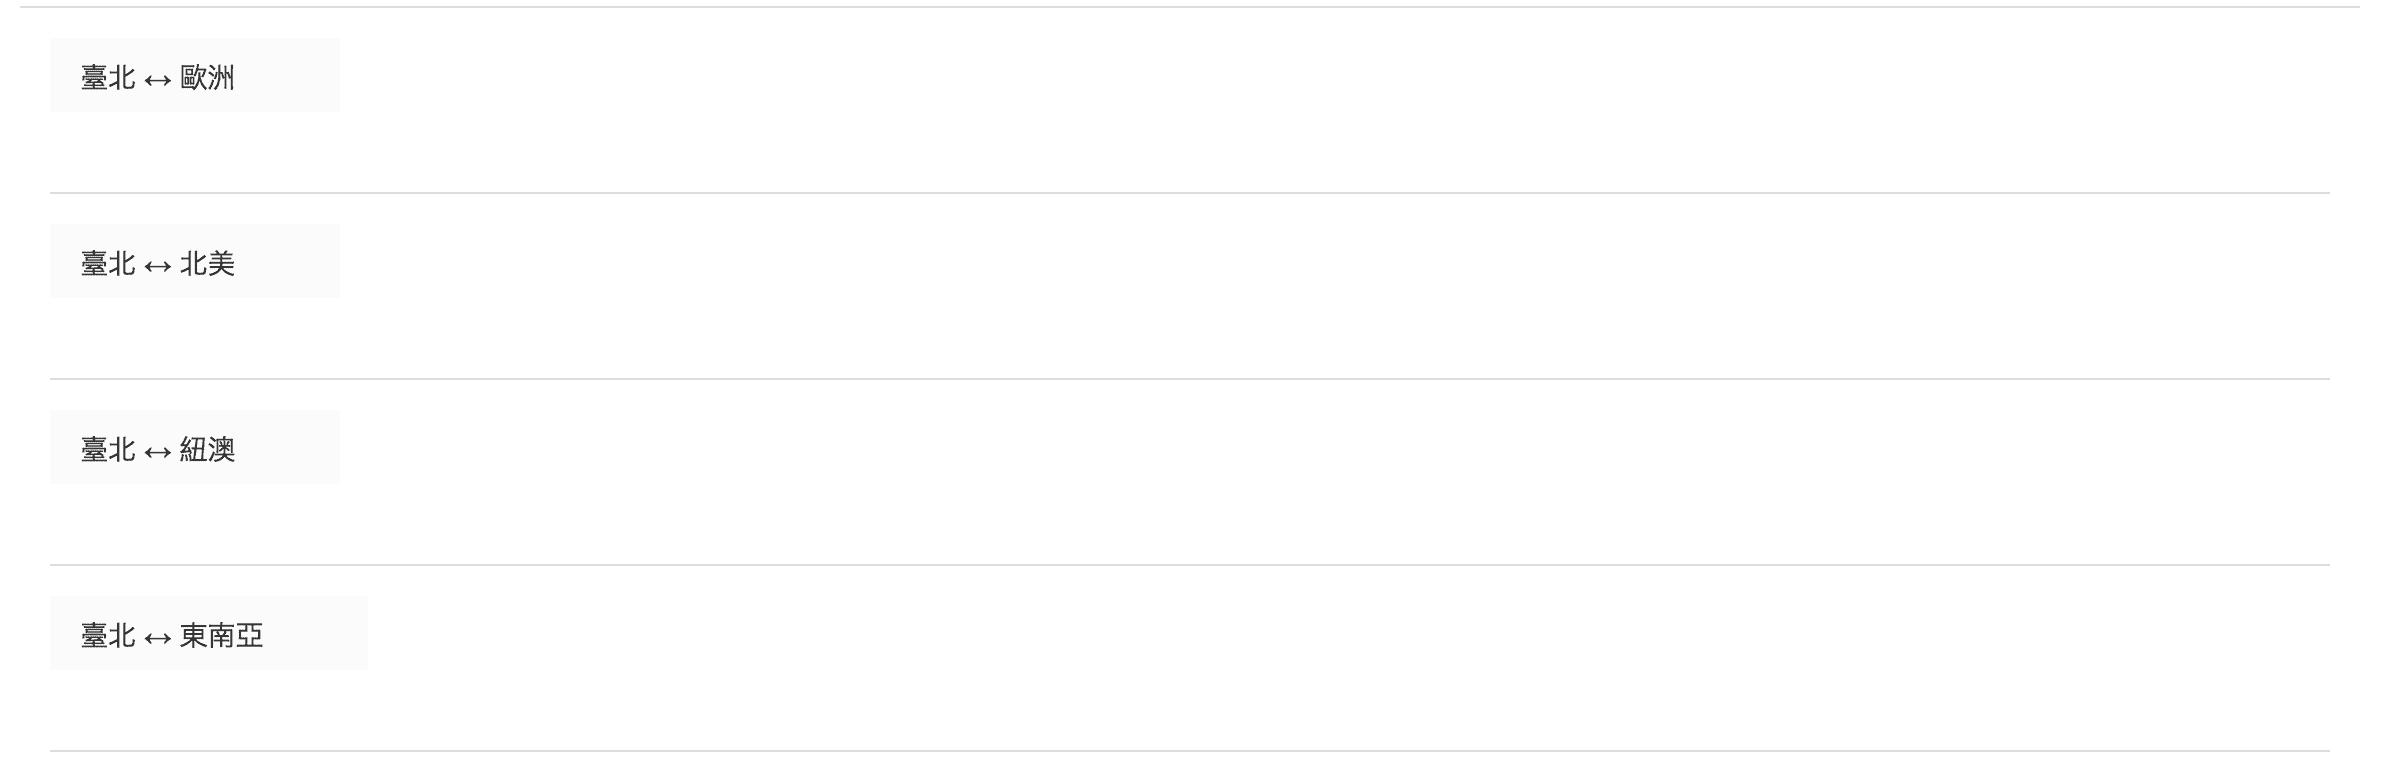 華航快閃單程特價|一生必去 跨洲跨年我最閃,2018年10月08日~2018年10月14日 ~